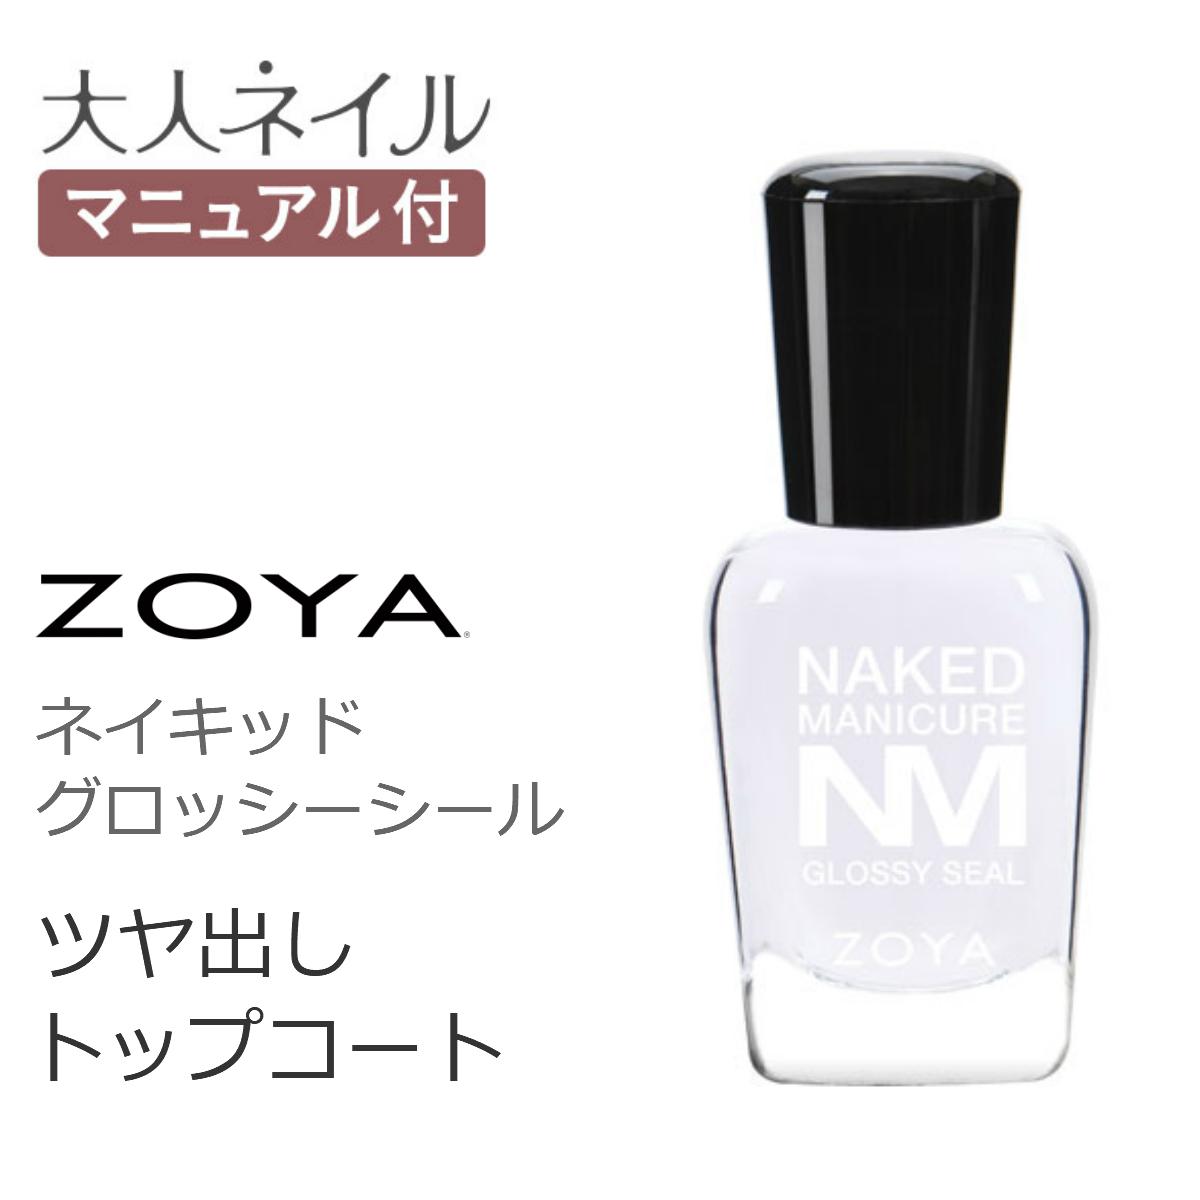 ZOYA ゾーヤ ネイキッドマニキュア グロッシーシール 15ml グロストップコート ツヤ